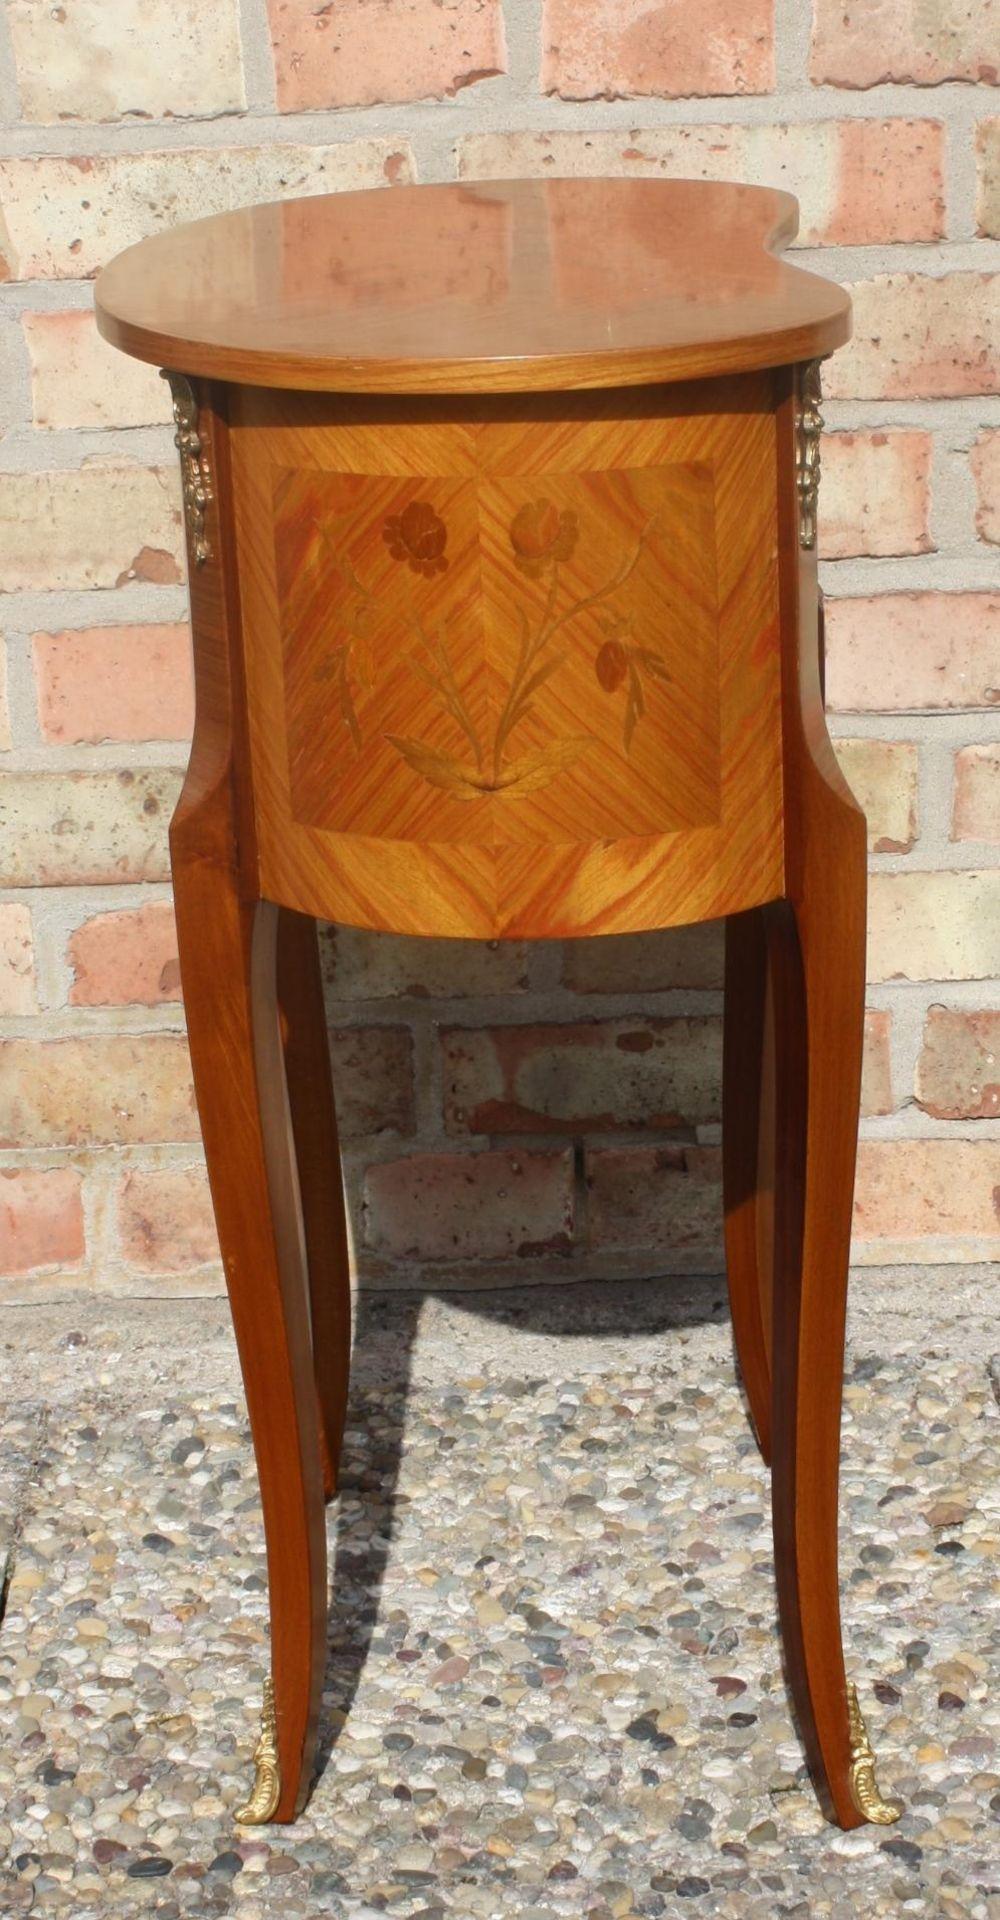 Kleine Kommode im Barock-Stil, 20. Jahrhundert - Bild 4 aus 6